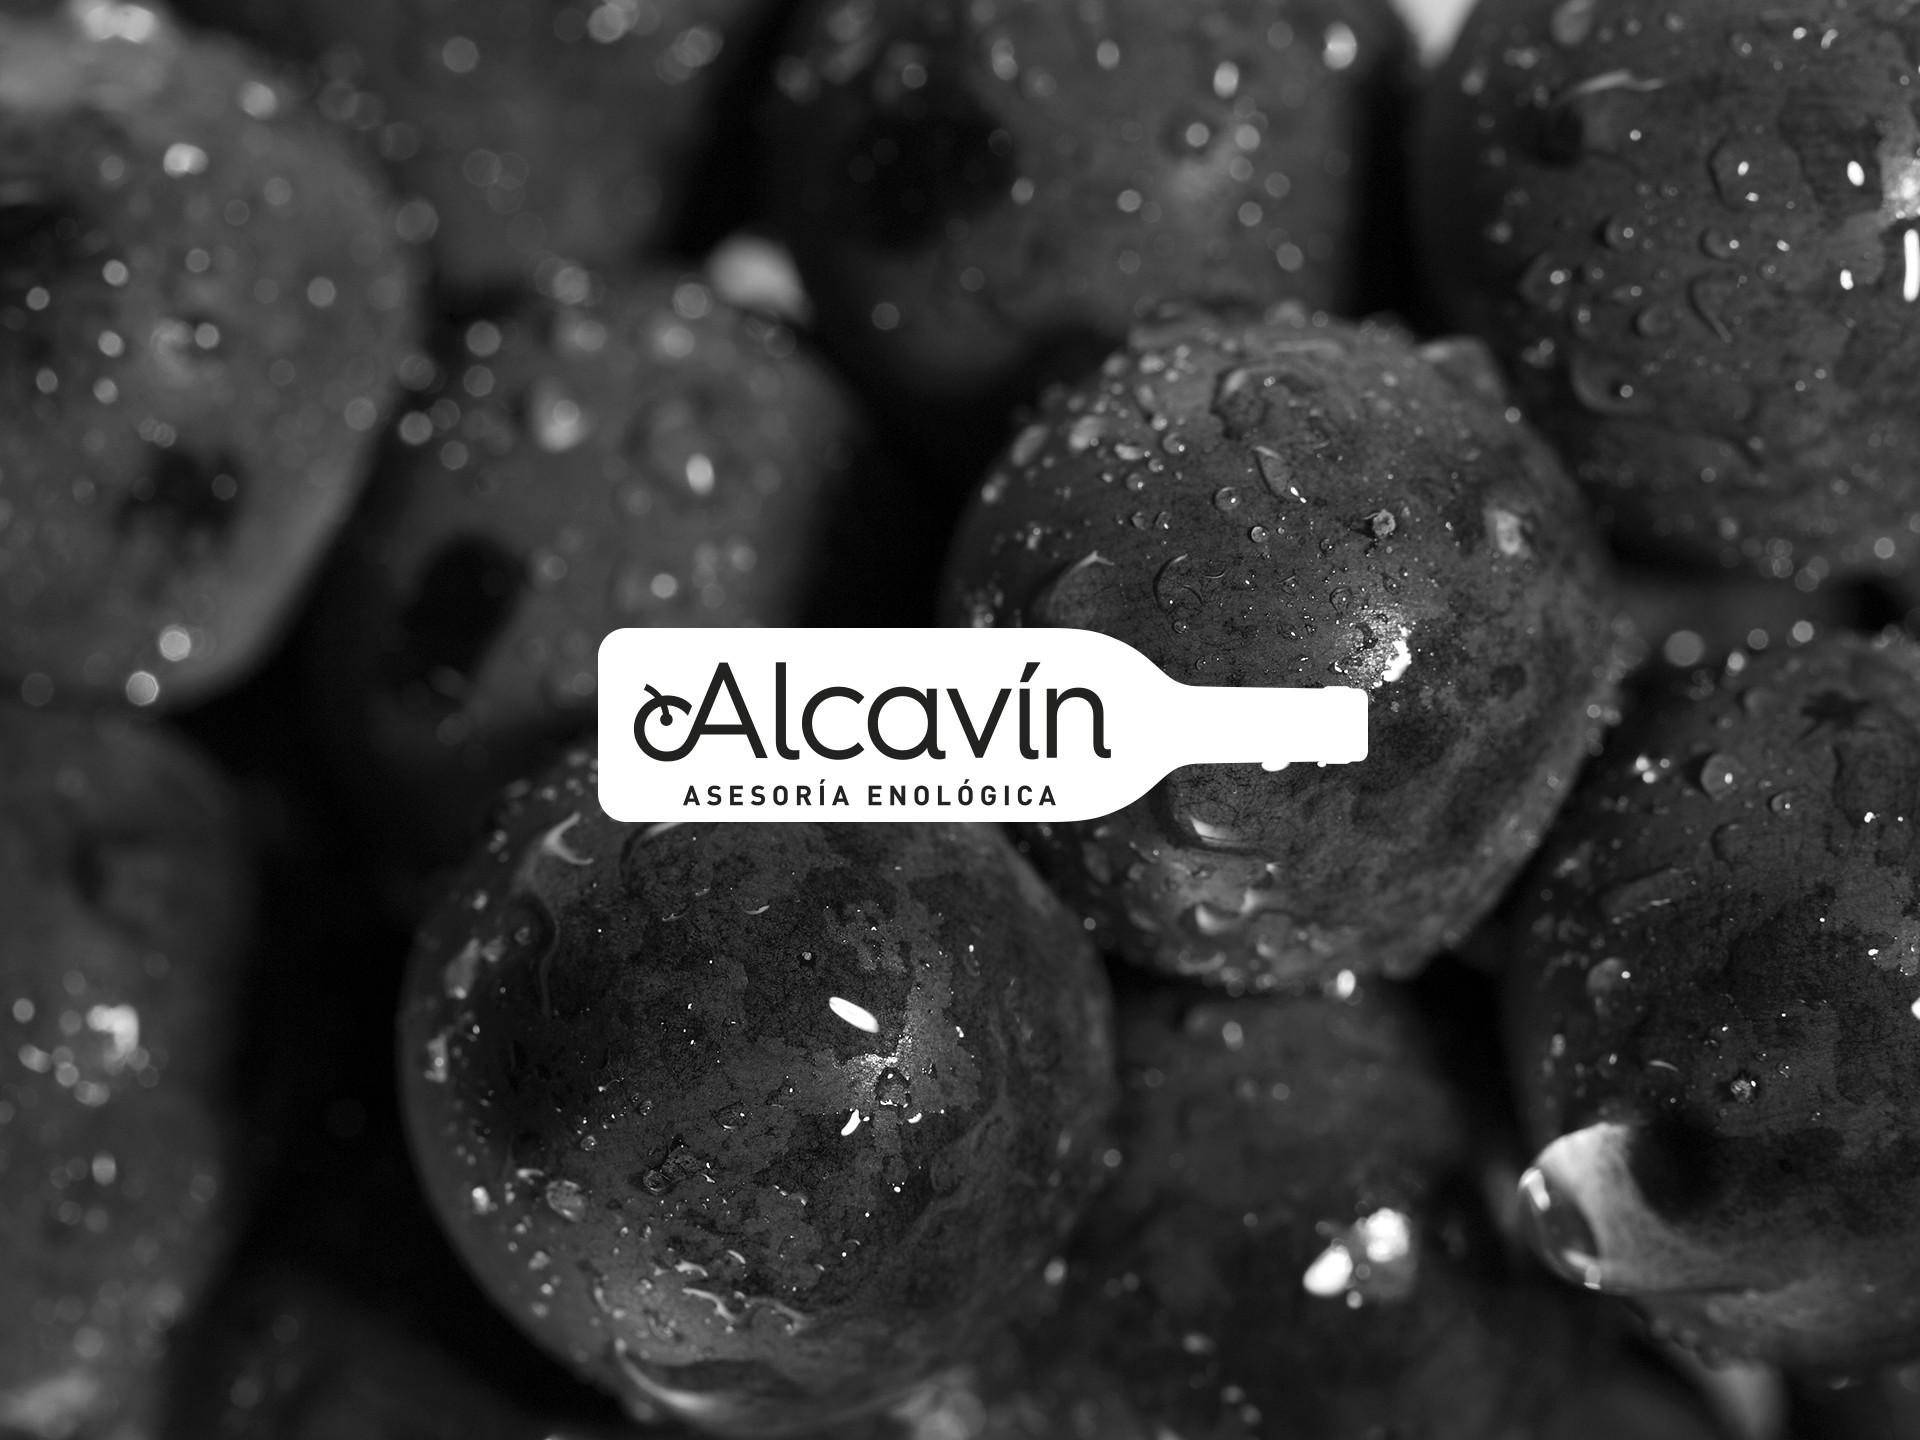 Diseño logotipo asesoría vino Alcavín